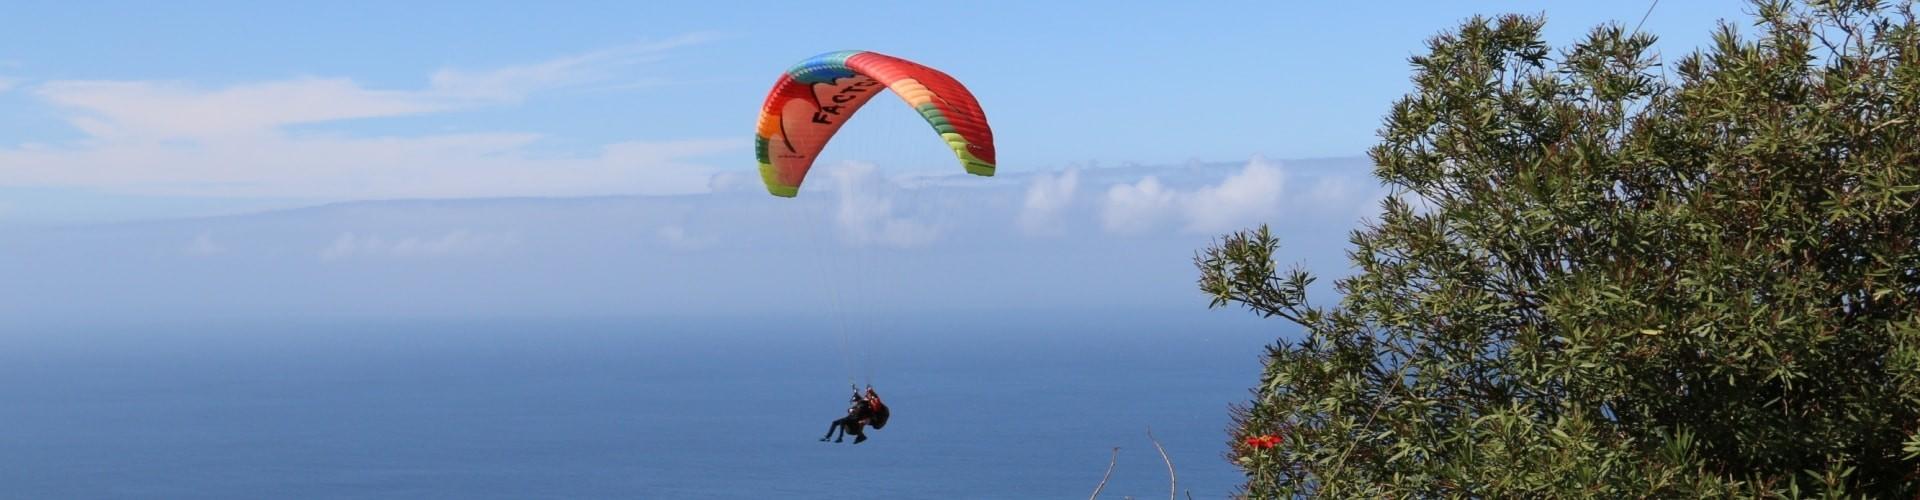 Experiências e Atividades no Ar na Ilha da Madeira